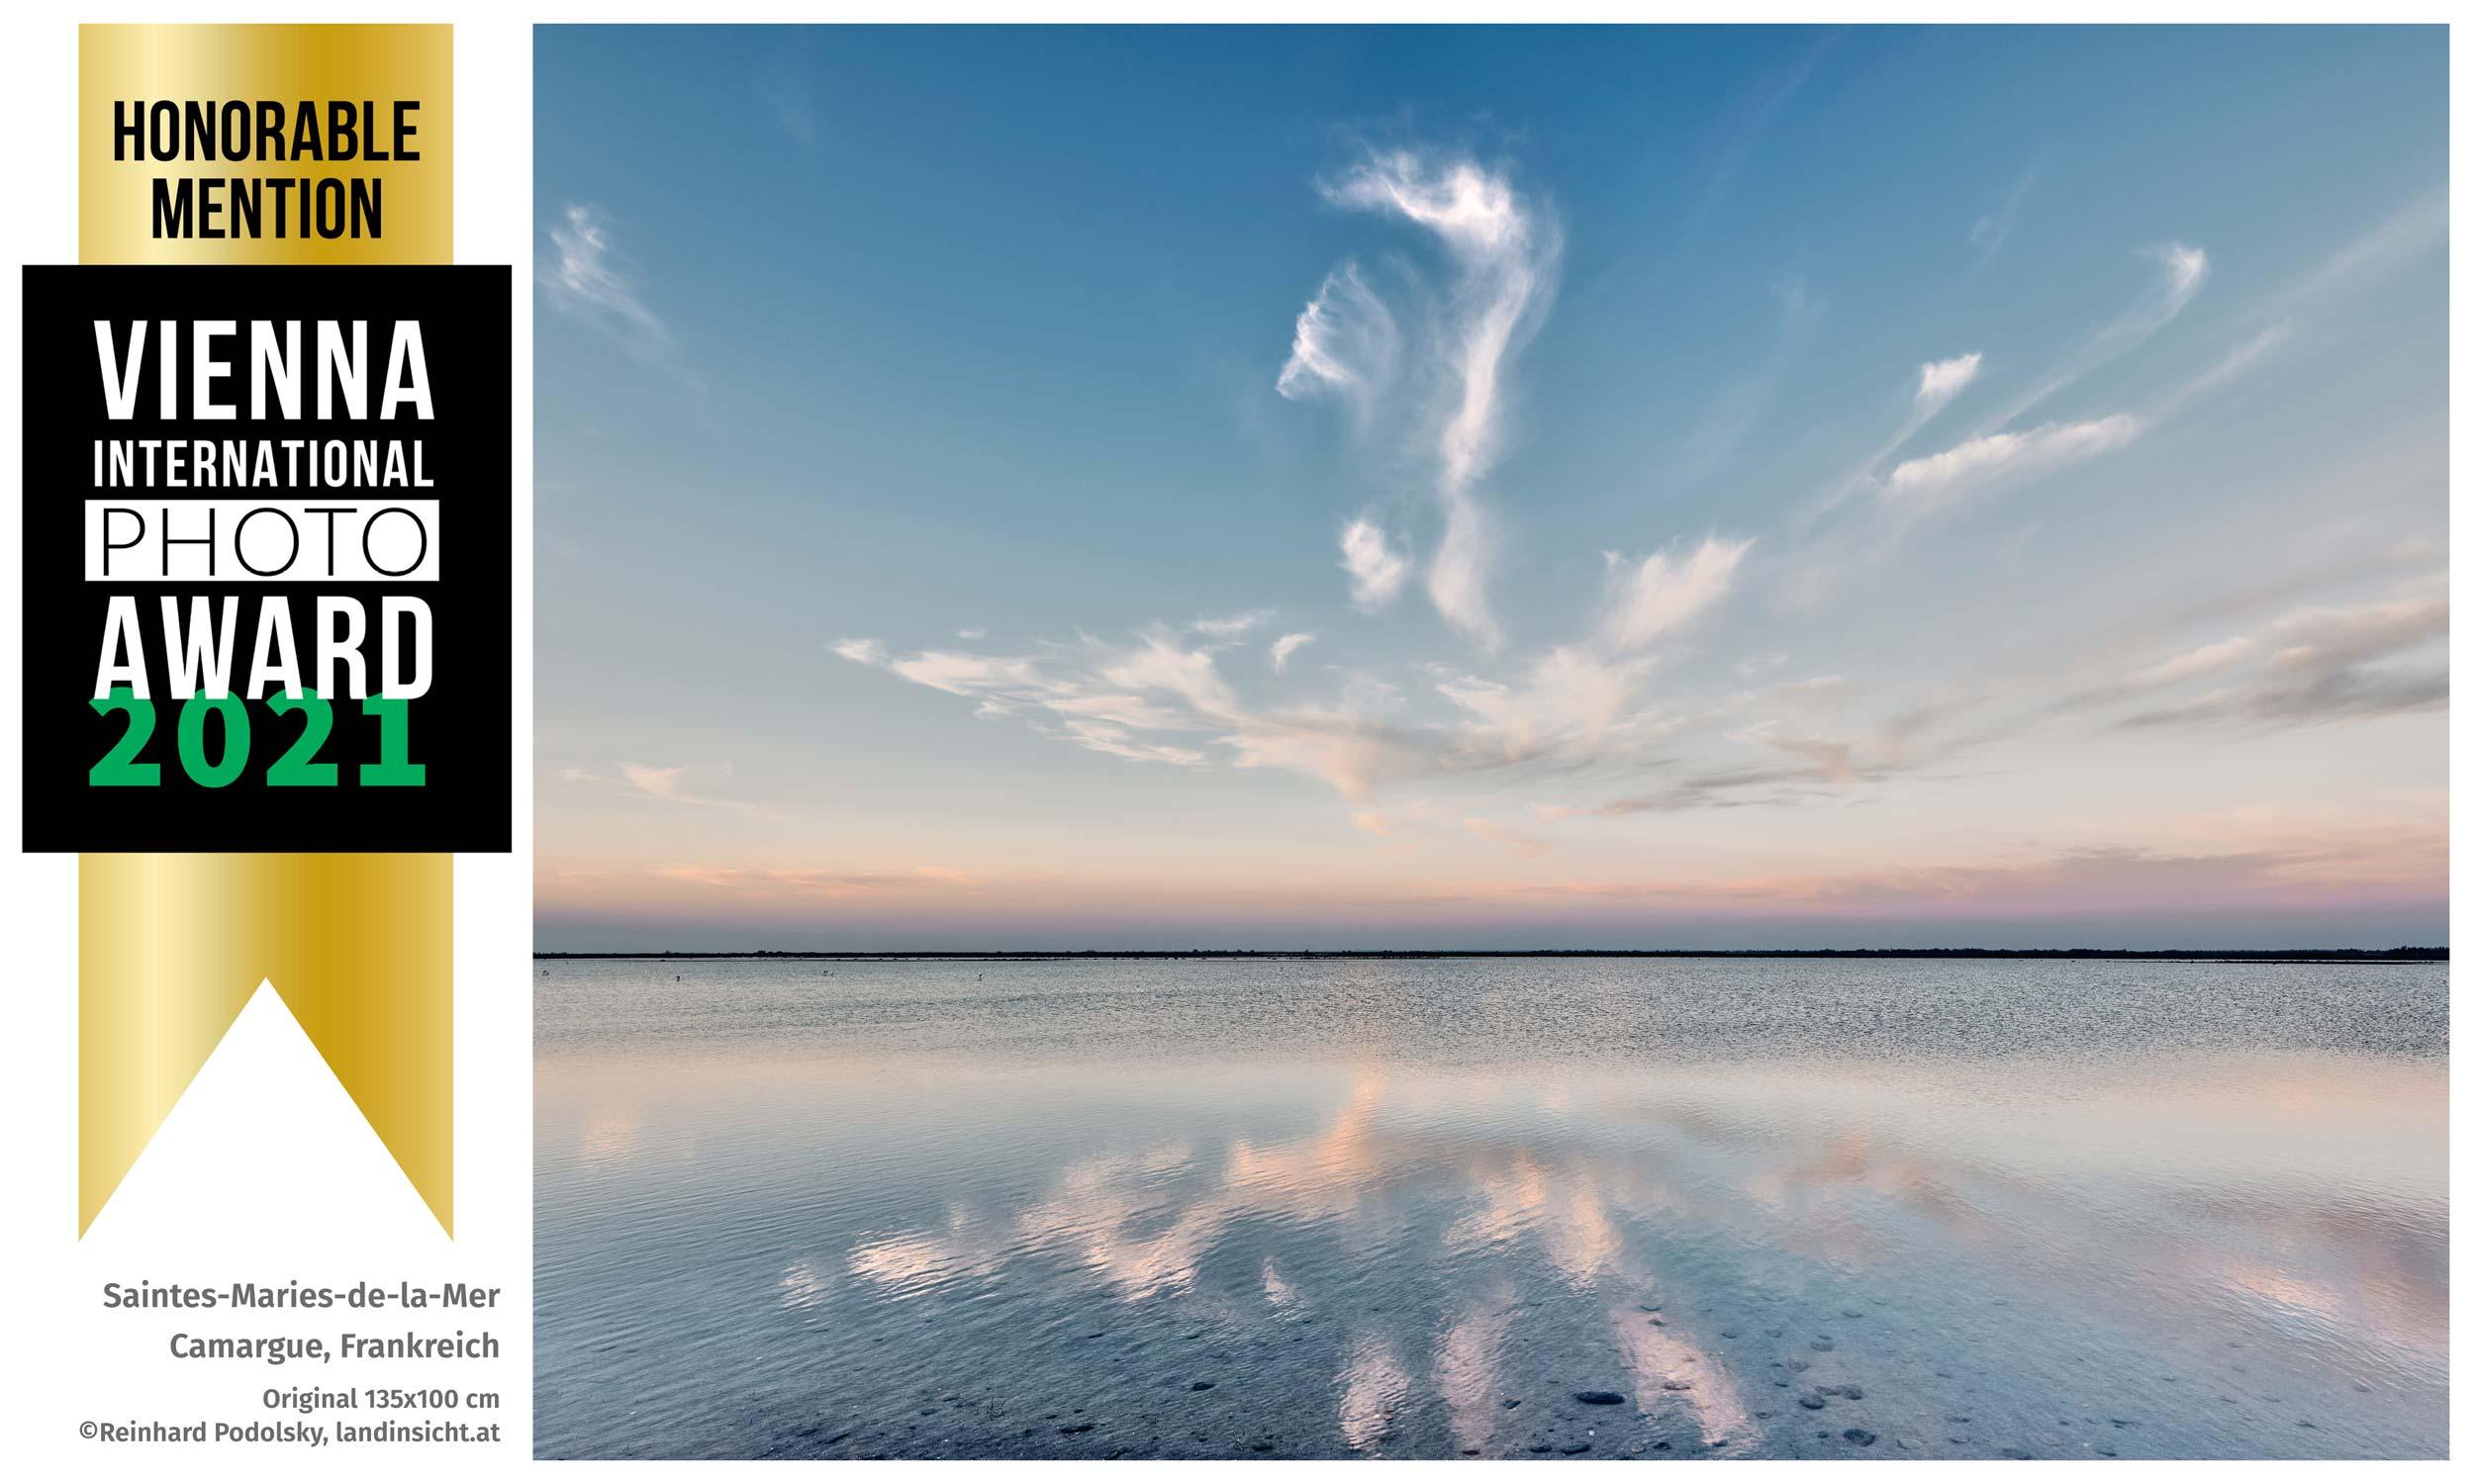 """VIEPA-Auszeichnung für Reinhard Podolskys Landschaftsportrait """"Saintes-Maries-de-la-Mer"""" – ein herausragender Blick von der Küste der Camargue ins spiegelglatte Meer."""